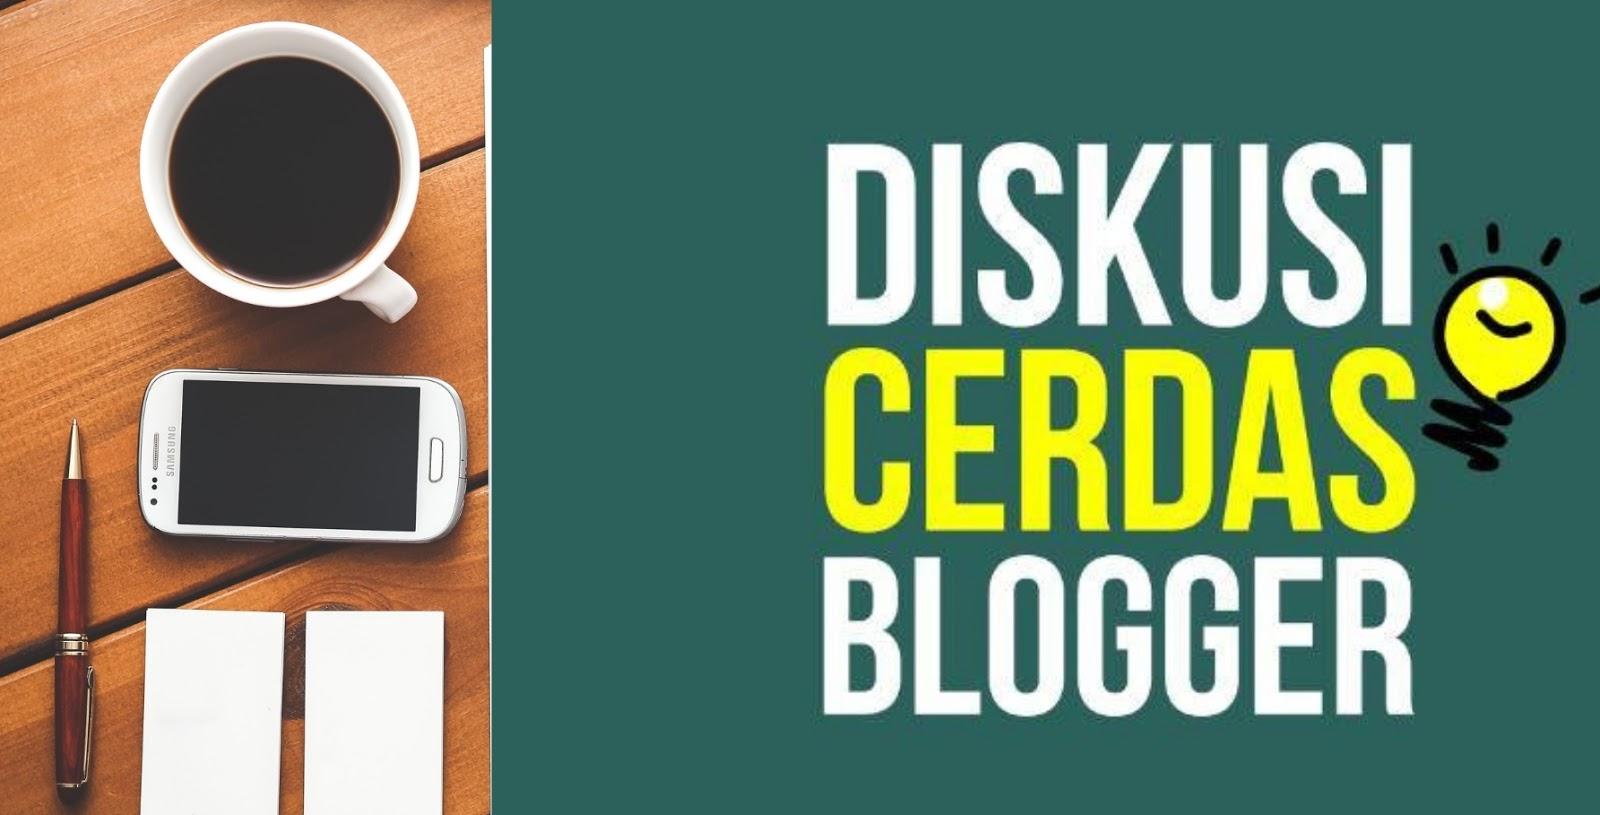 Blogger Cerdas